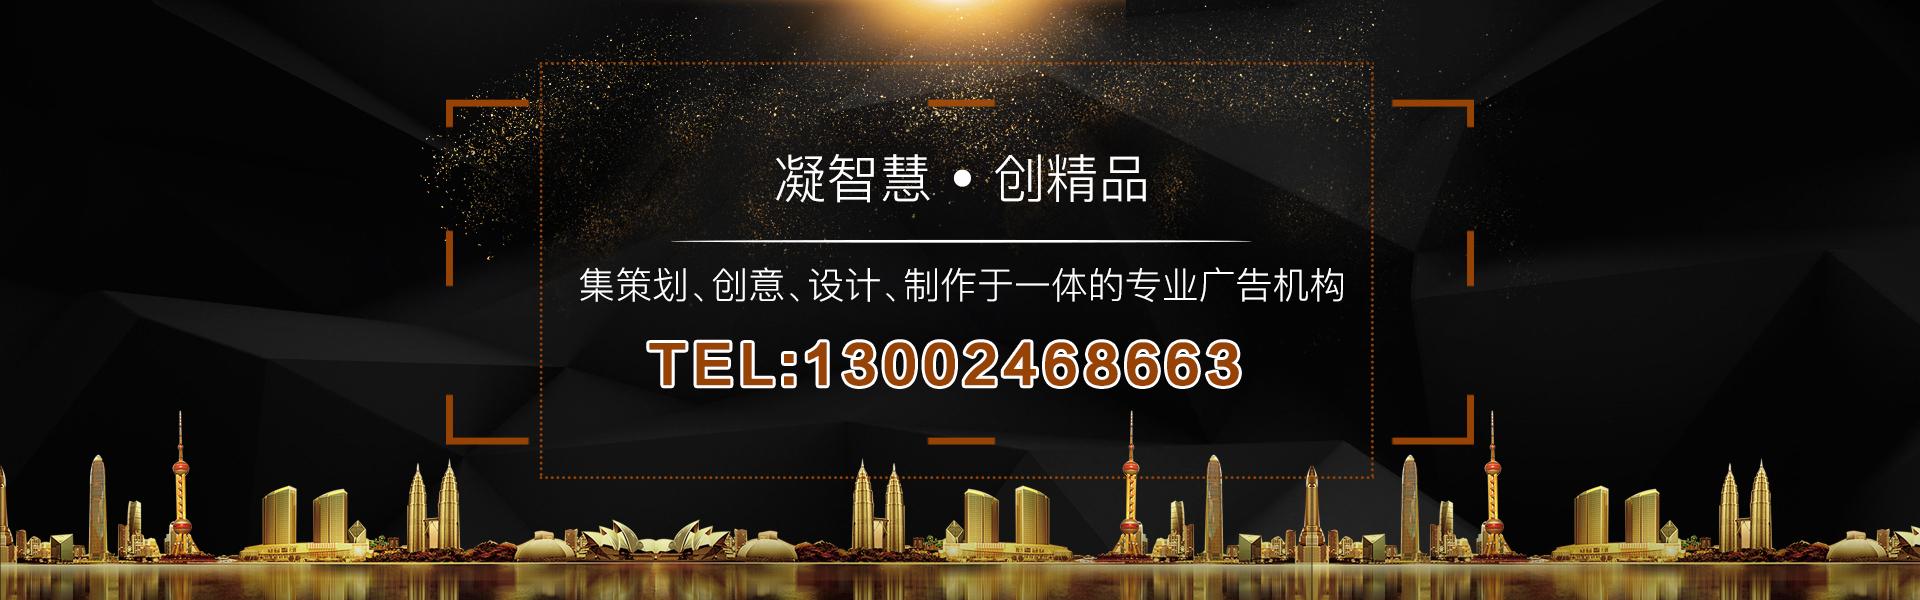 沈阳市皇姑区深艺志达美术制作中心